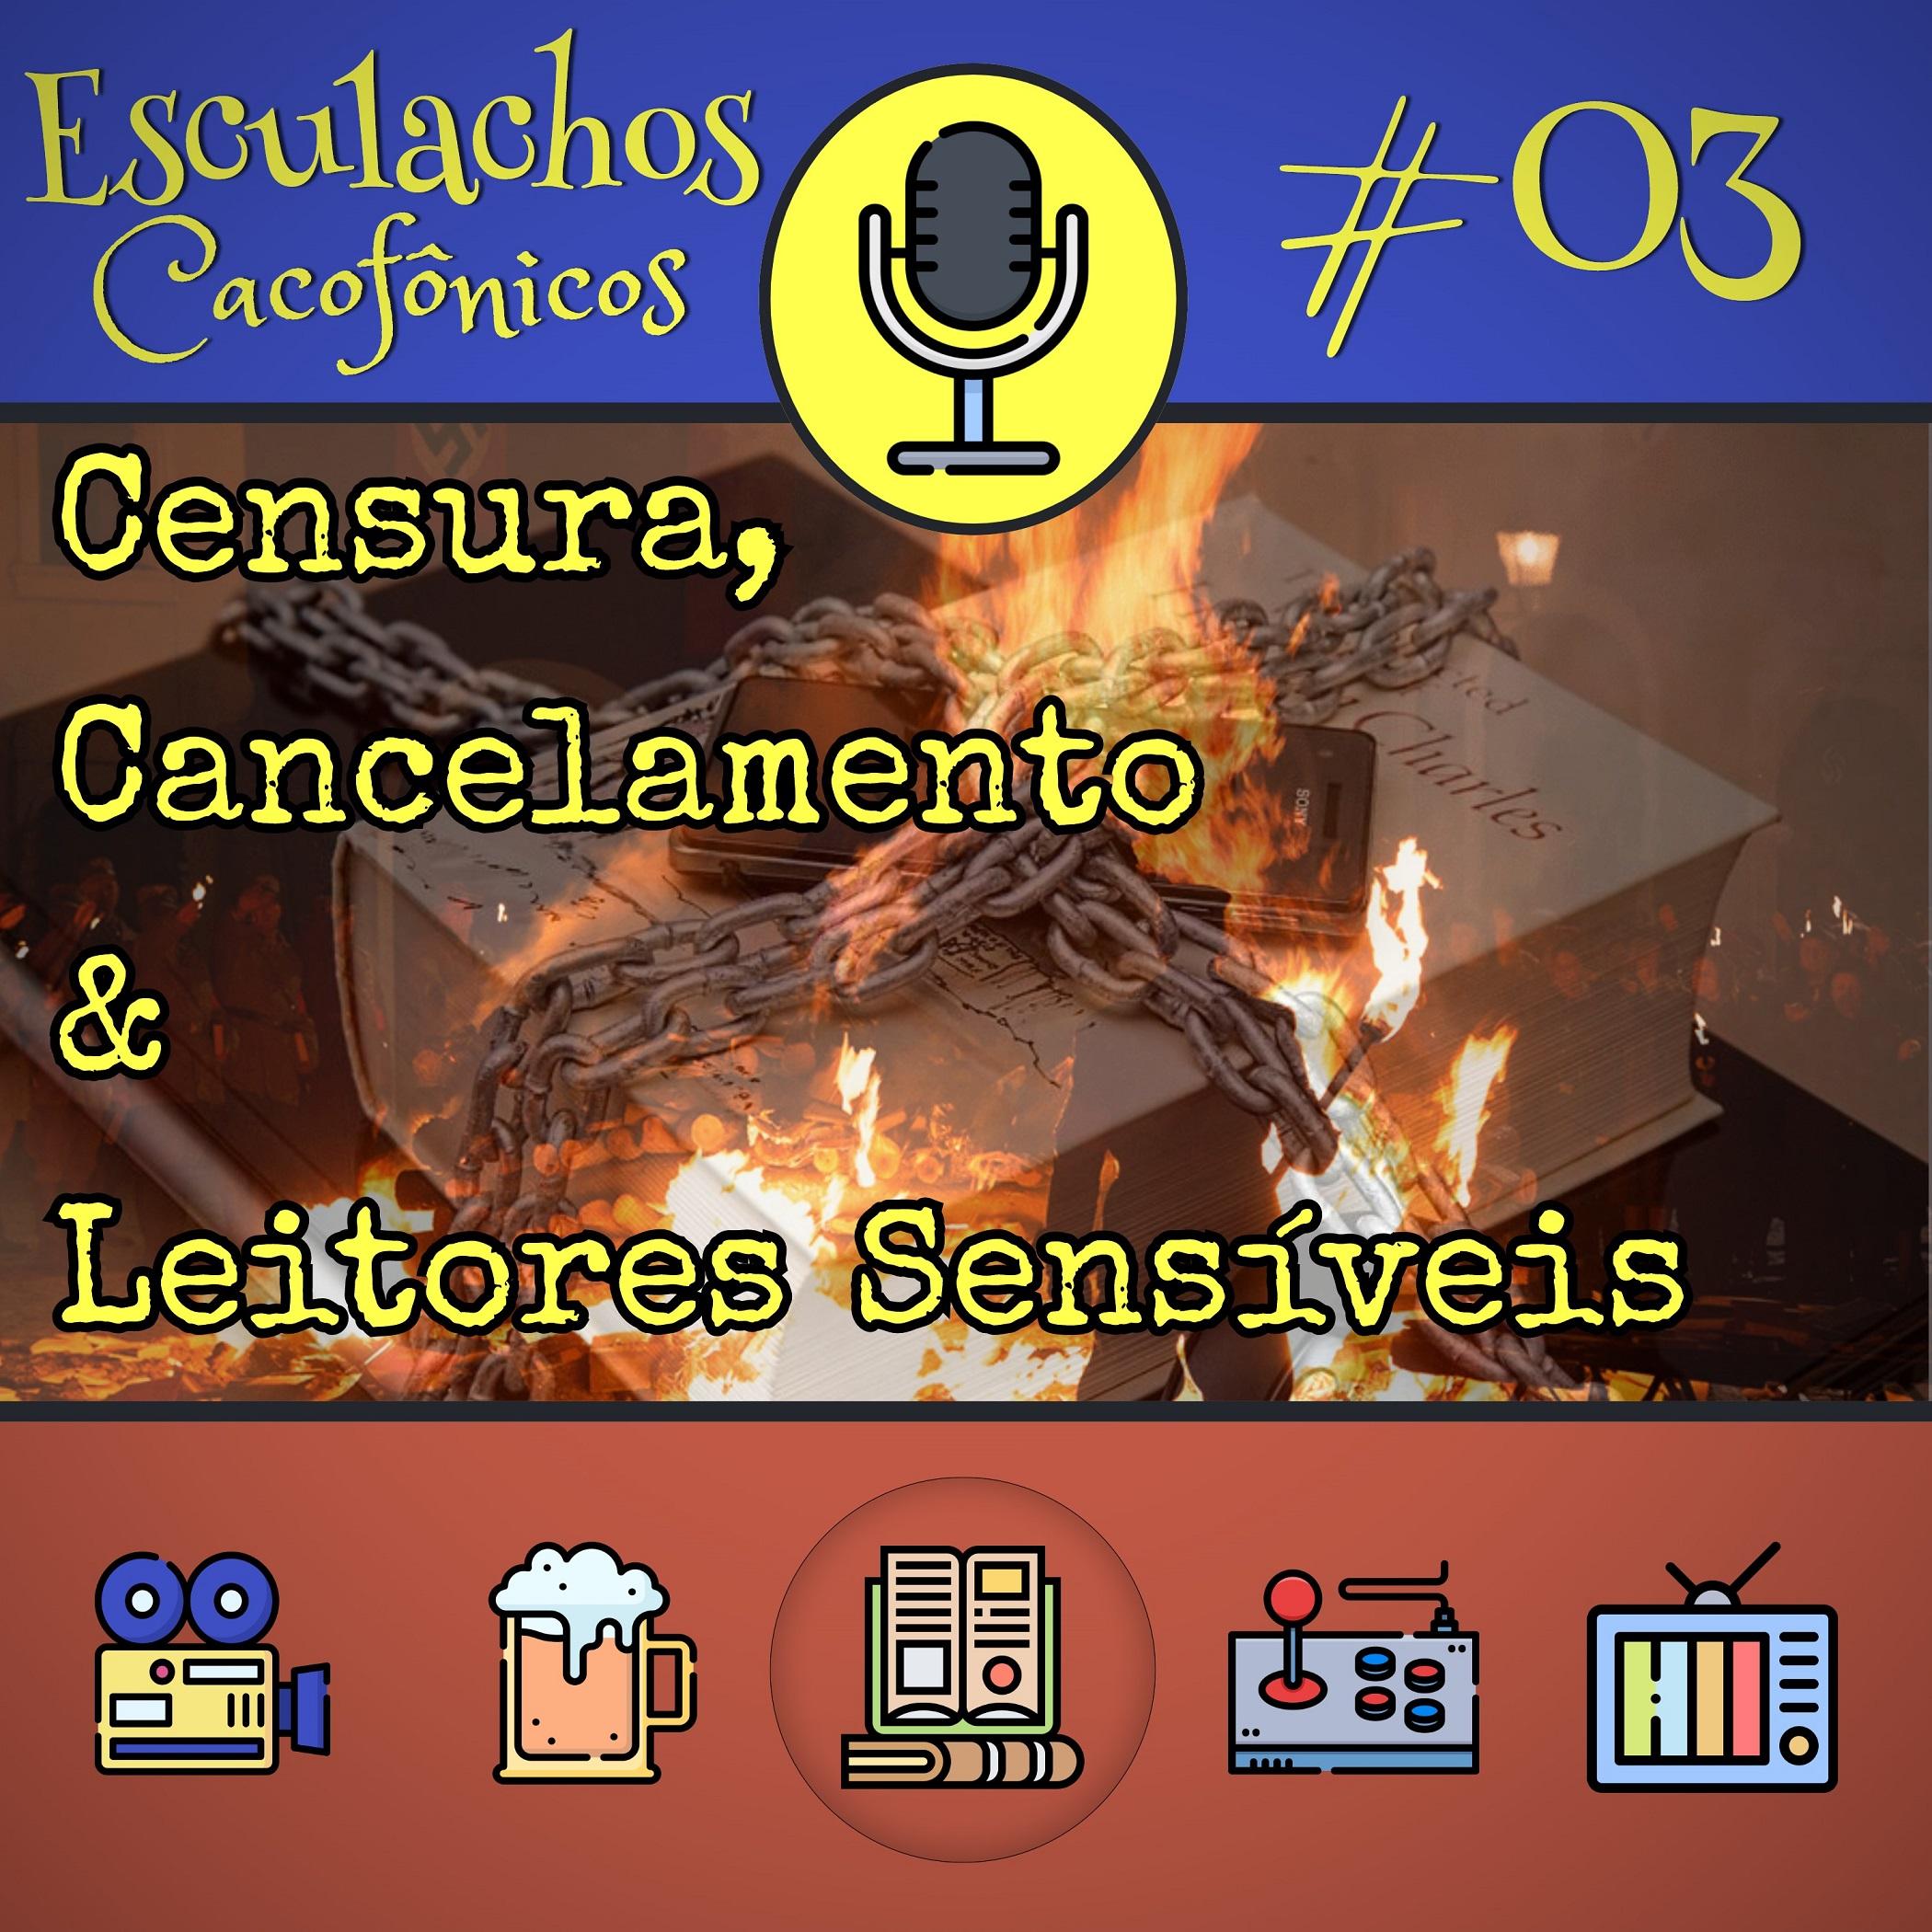 EP #03 - Censura, Cancelamento e Leitores Sensíveis